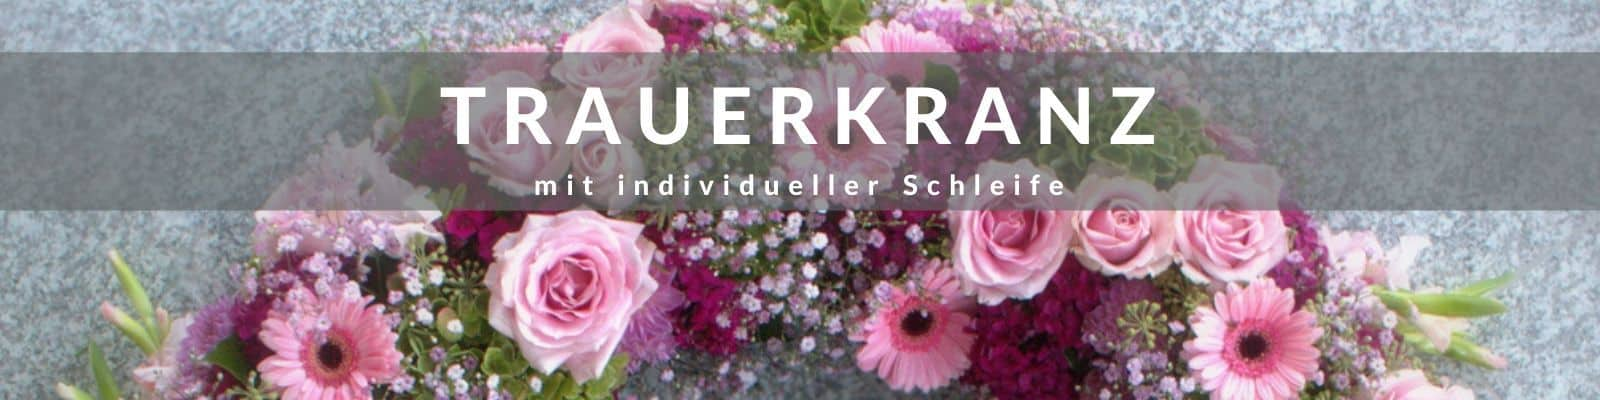 Trauerkranz online bestellen - Beerdigungskranz mit Schleife